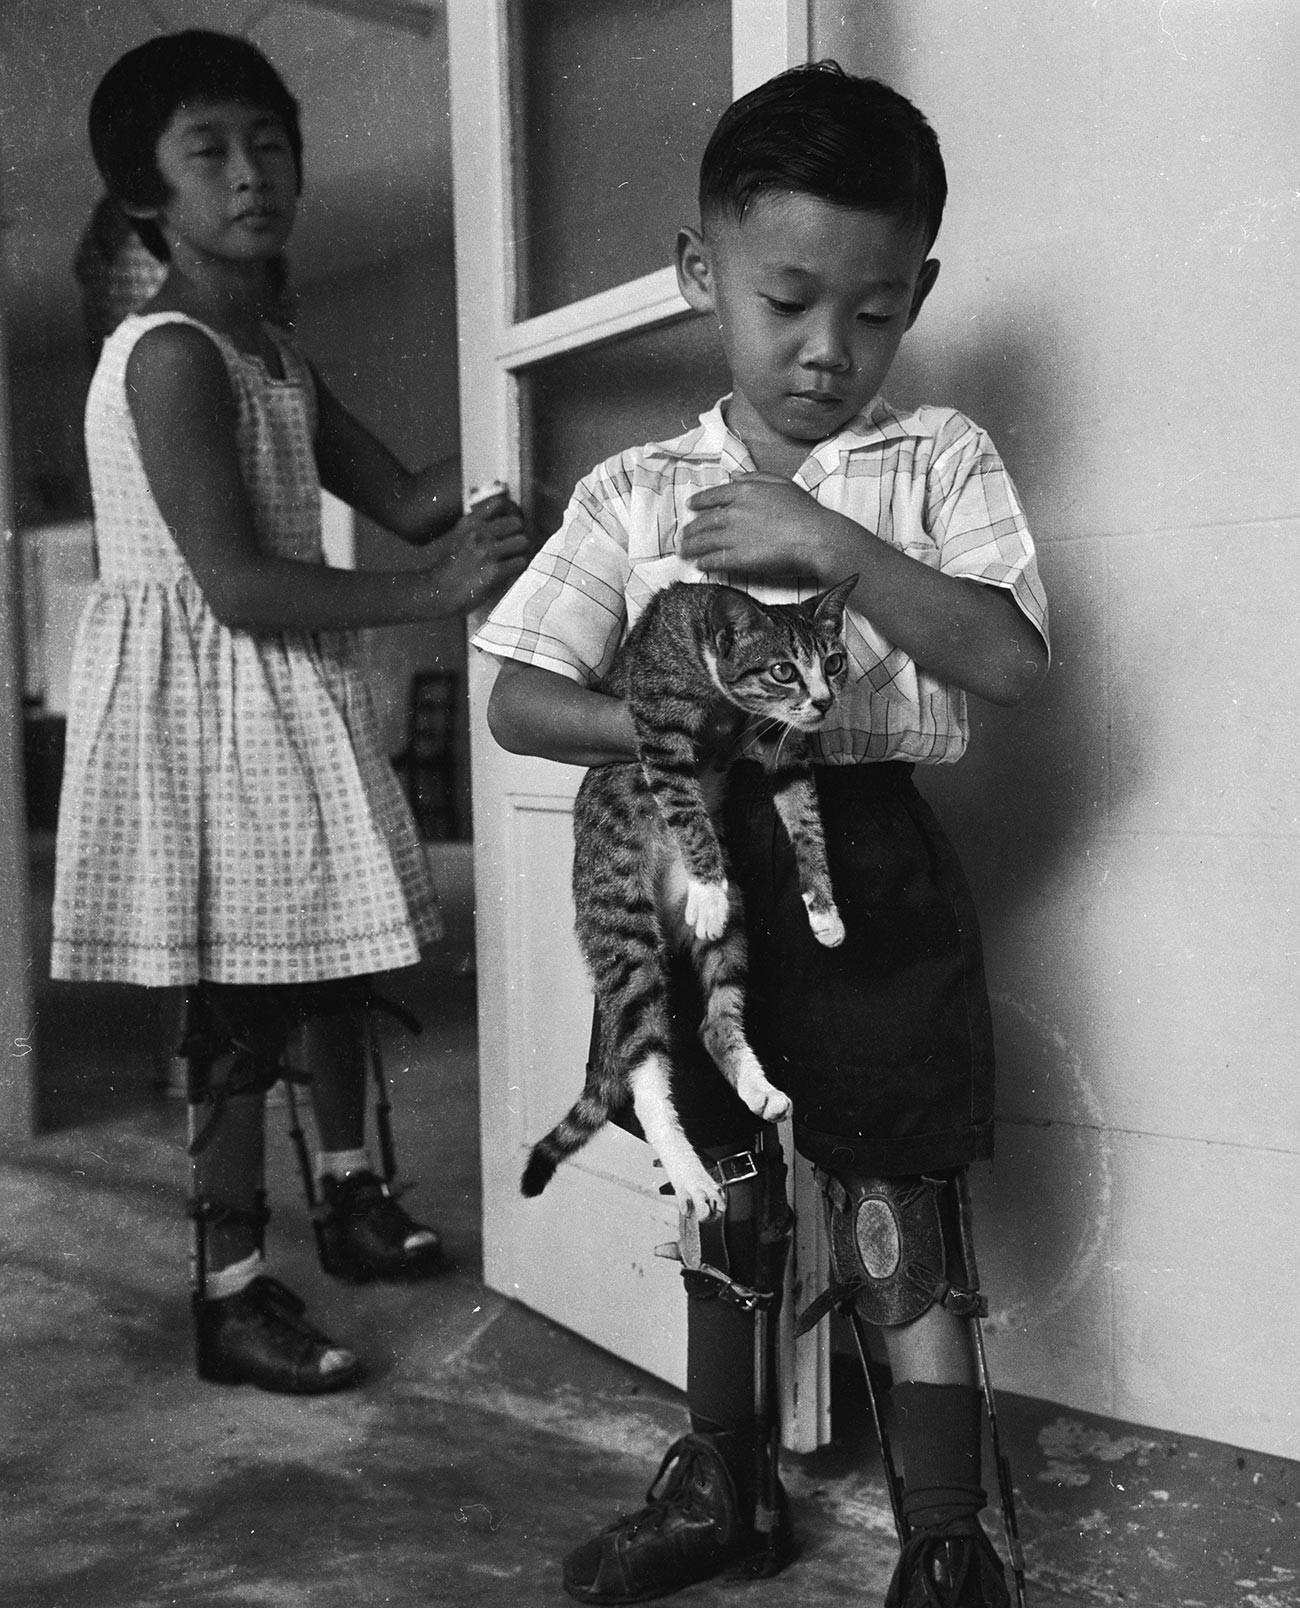 Die Opfer einer Polio-Infektion